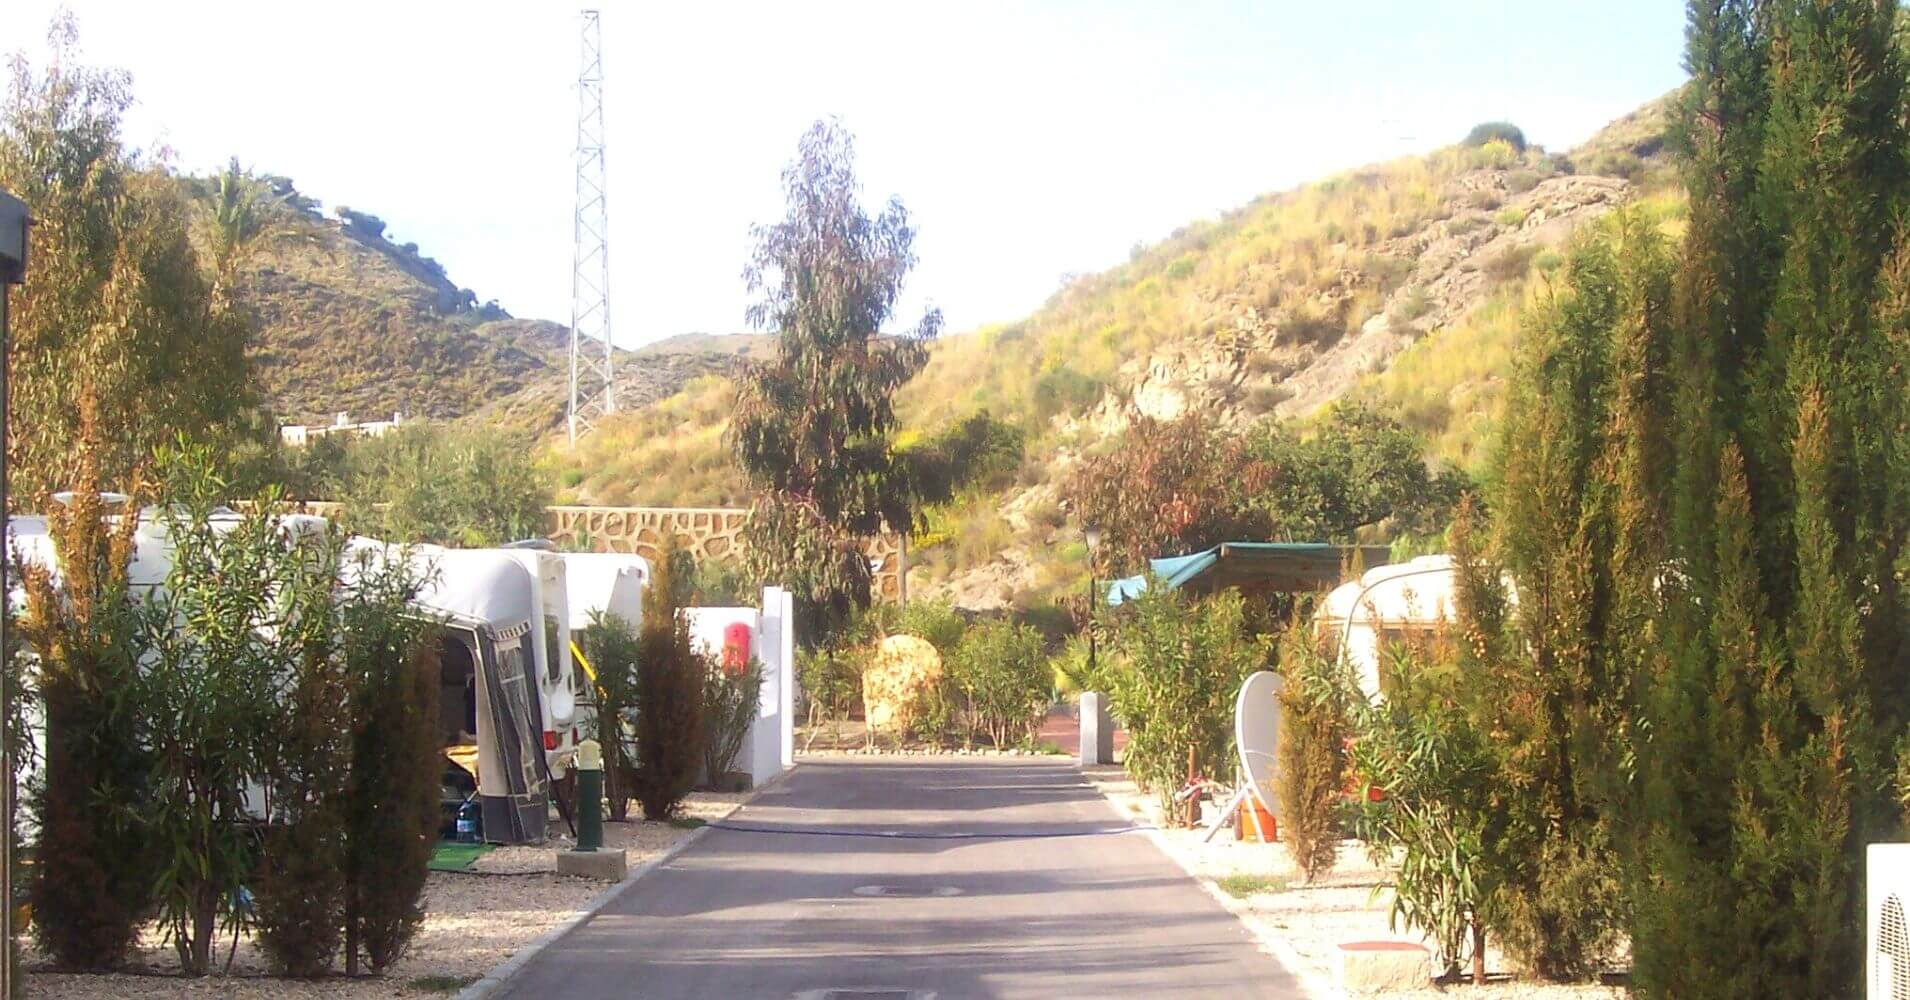 Instalaciones Camping Cueva Negra. Mojácar, Almería. Andalucía.